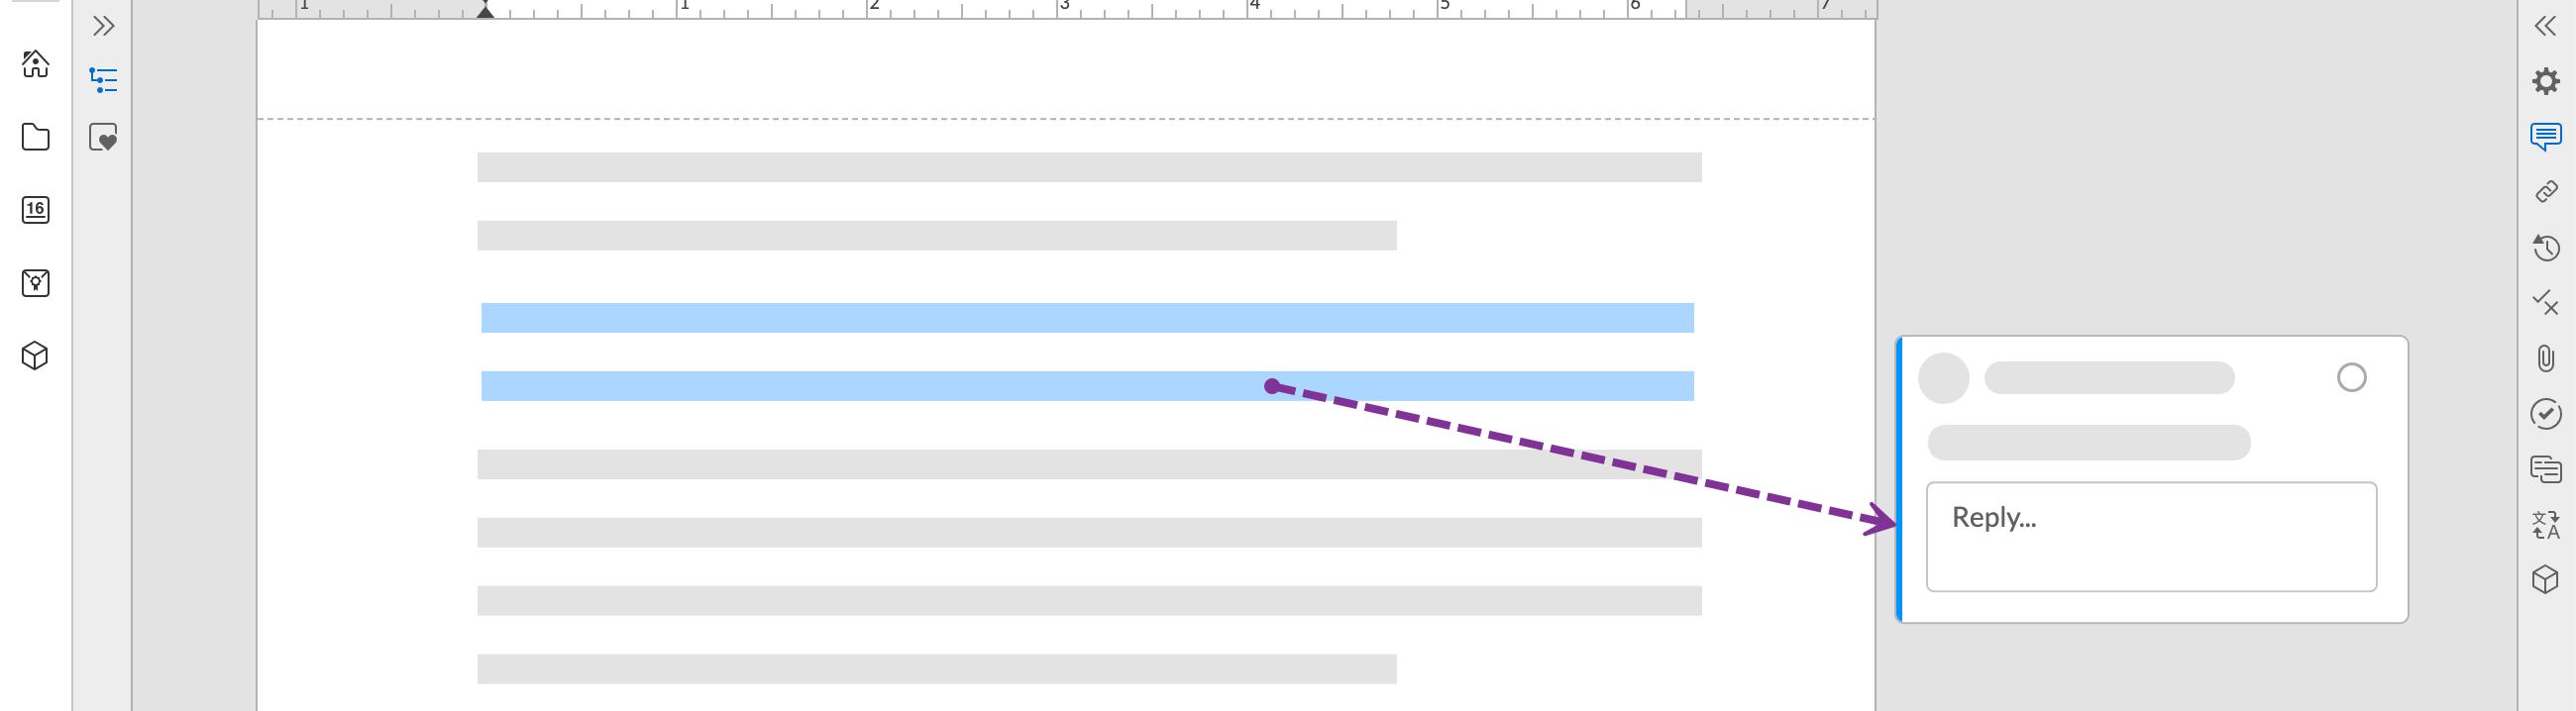 藍色醒目提式和線條表示註釋與所選的選取內容相關